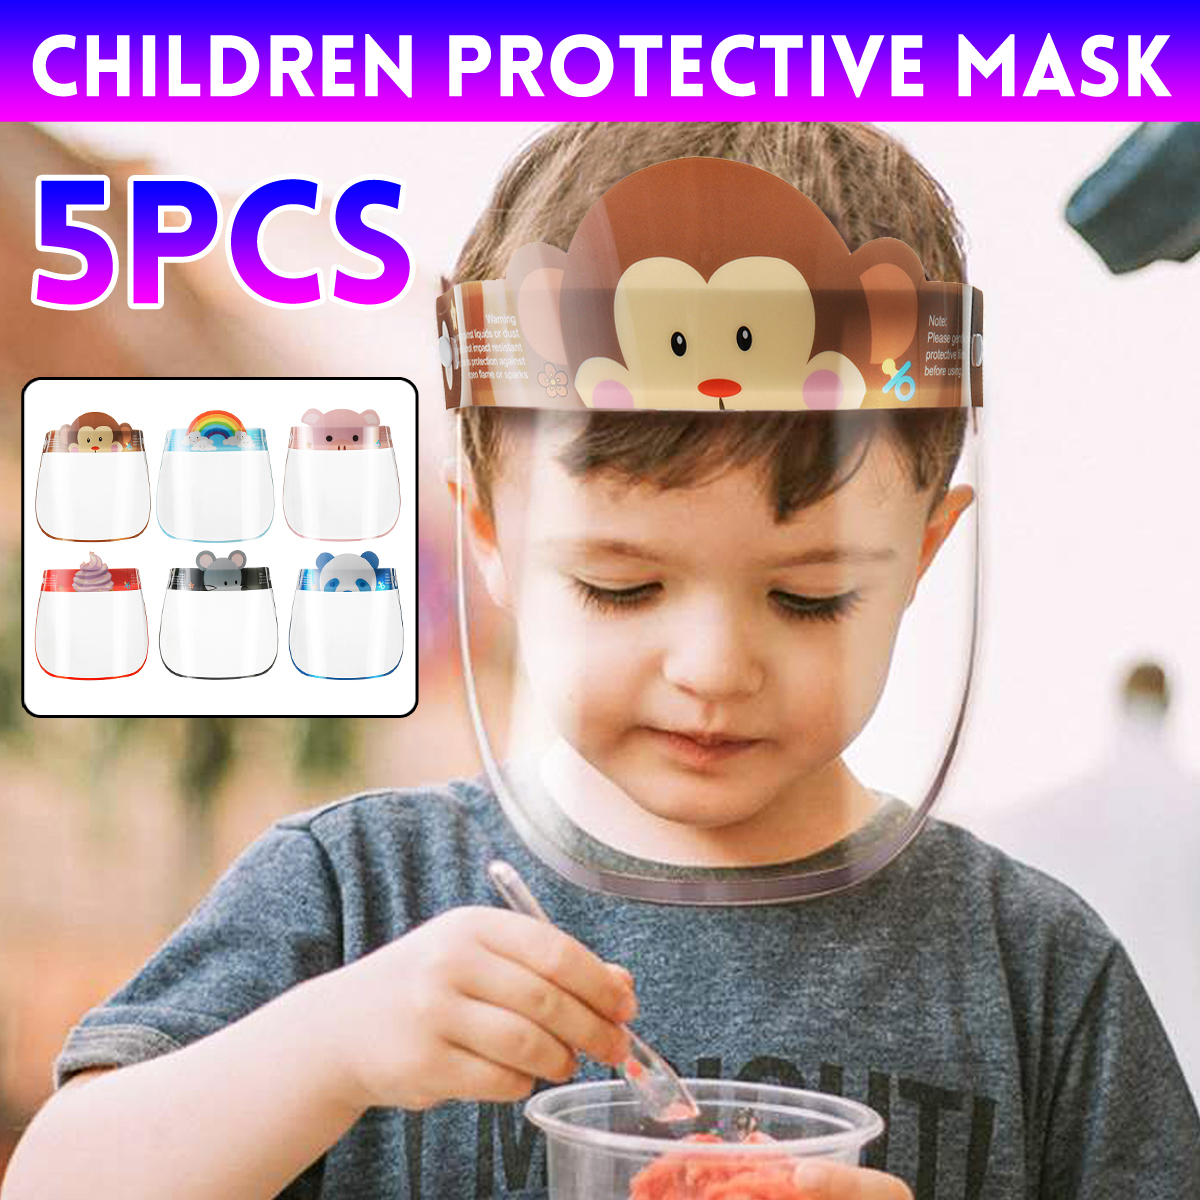 5PCS Kids Full Face Shield Mask Protective Visor Face Mask Plastic Anti Splash Anti Saliva Dust-proof Full Face Cover